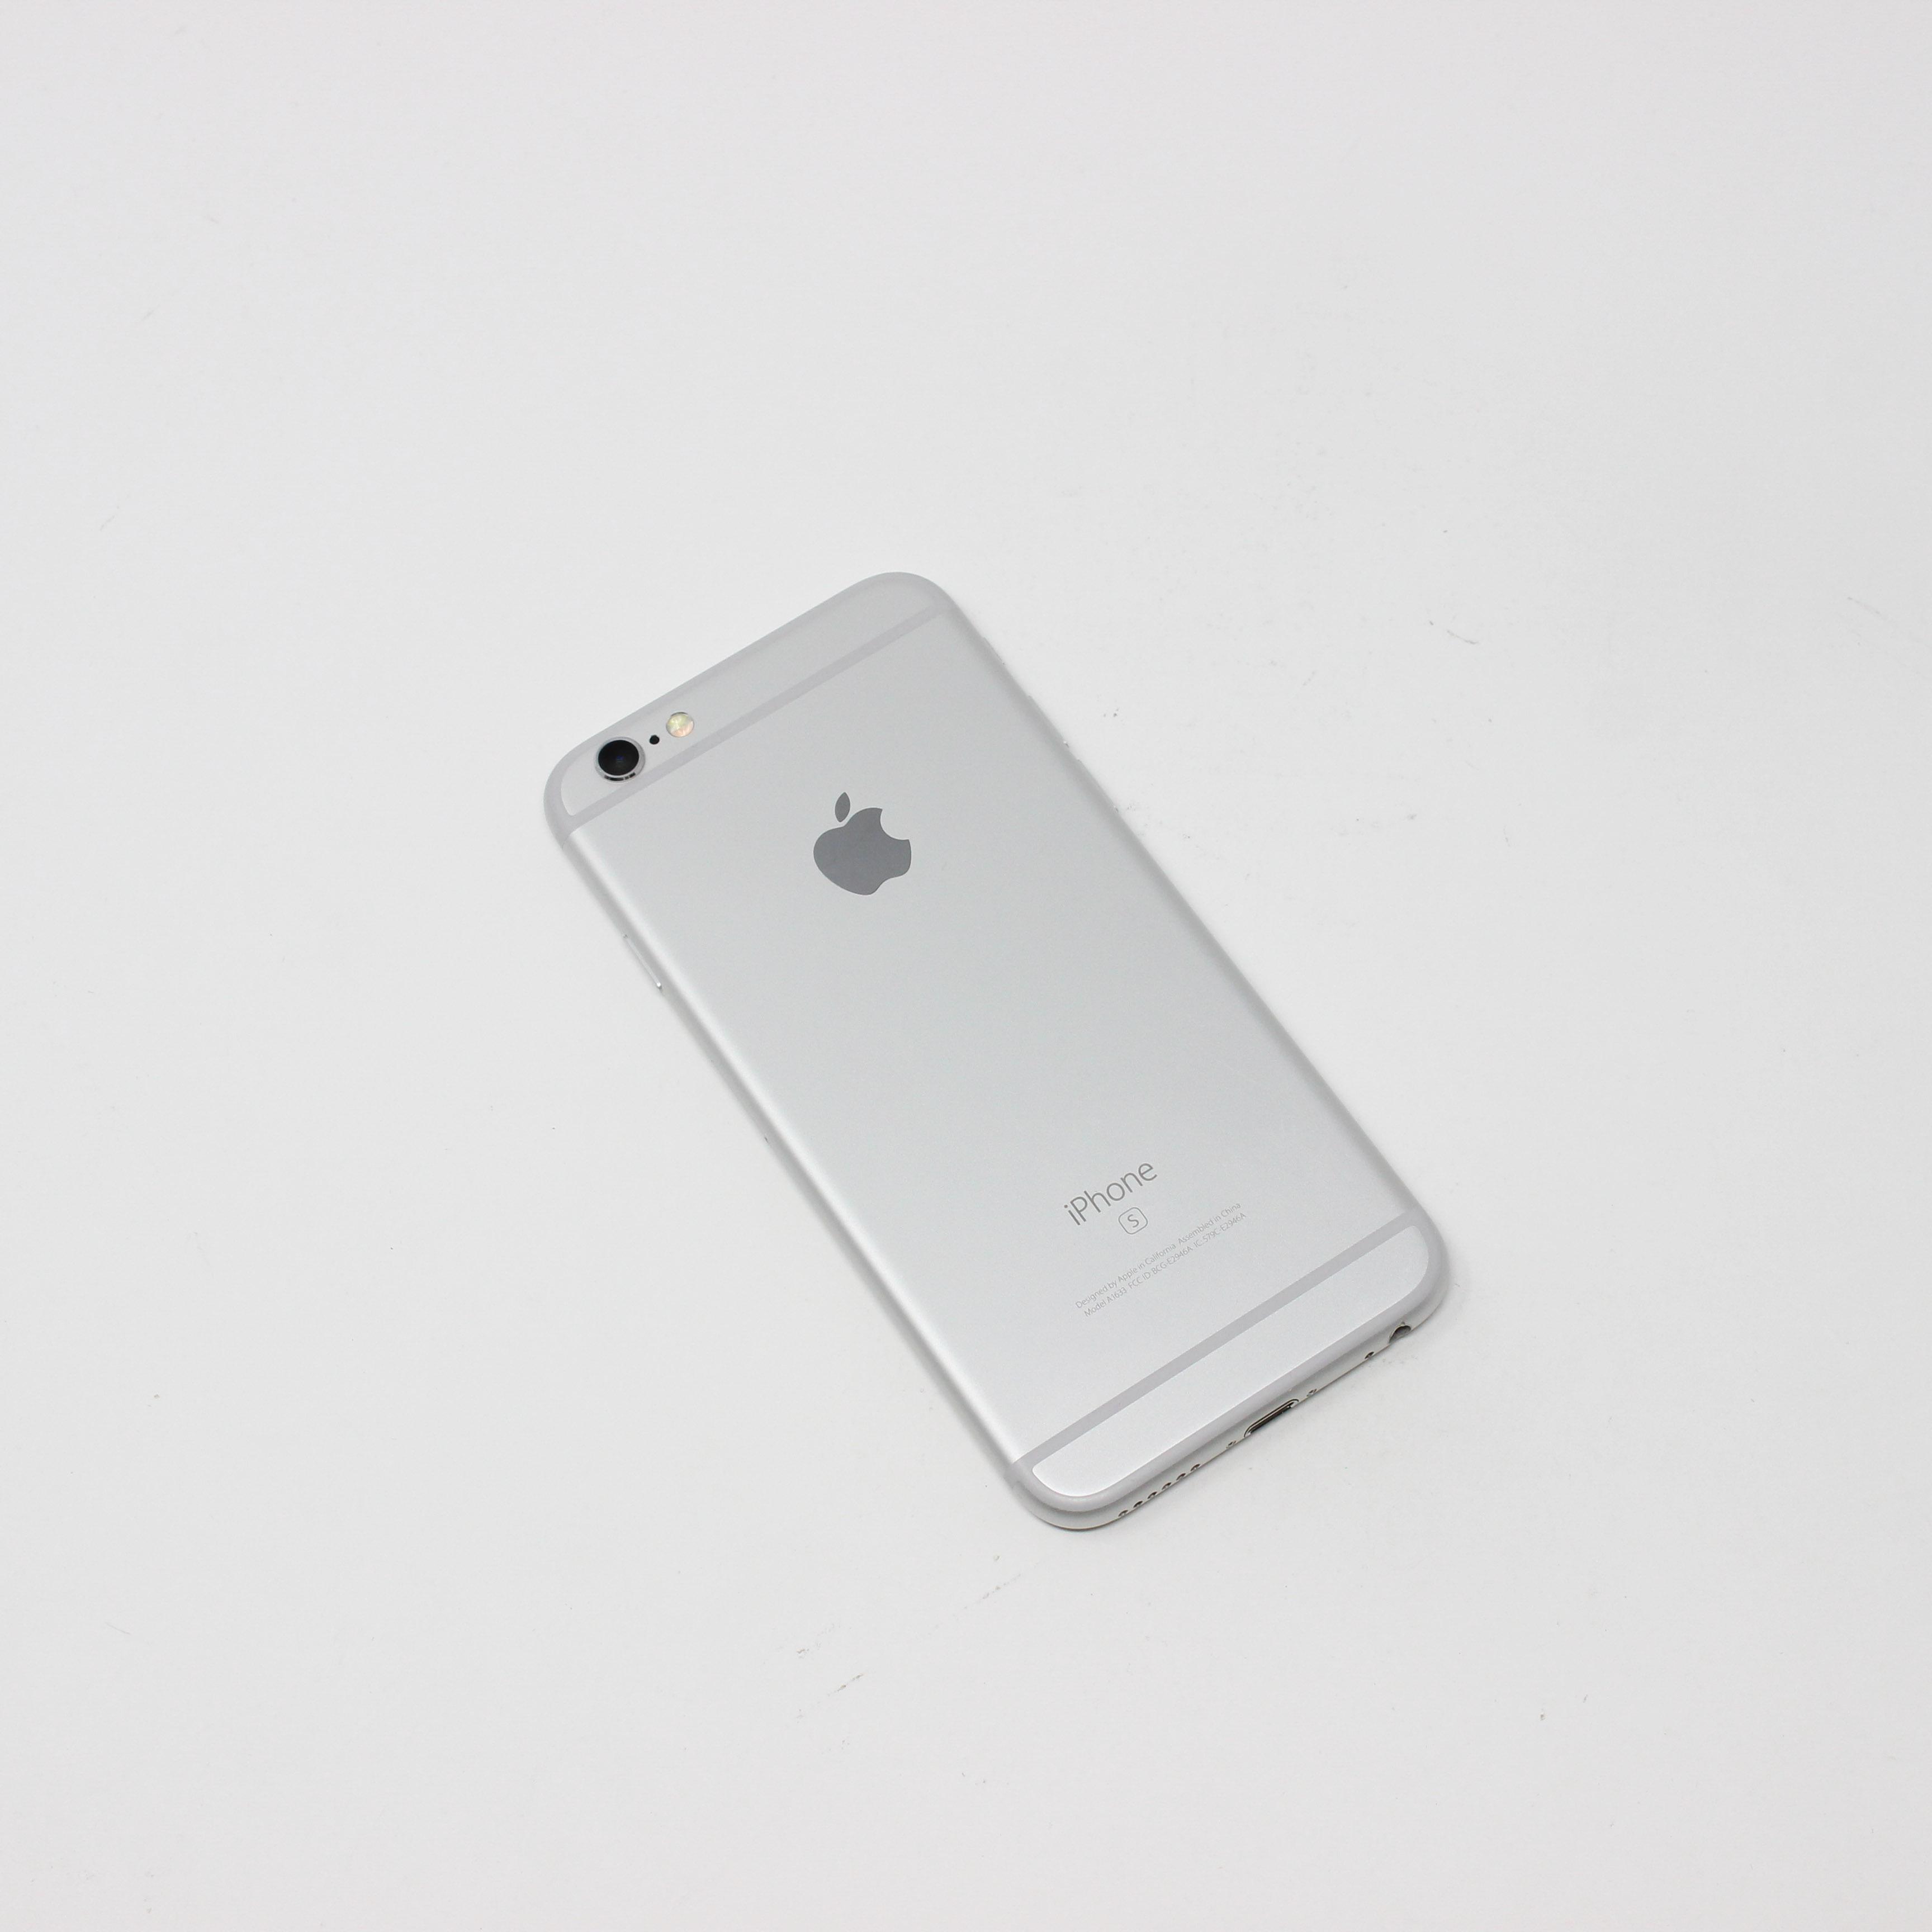 iPhone 6S 16GB Silver - AT&T photo 3   UpTradeit.com